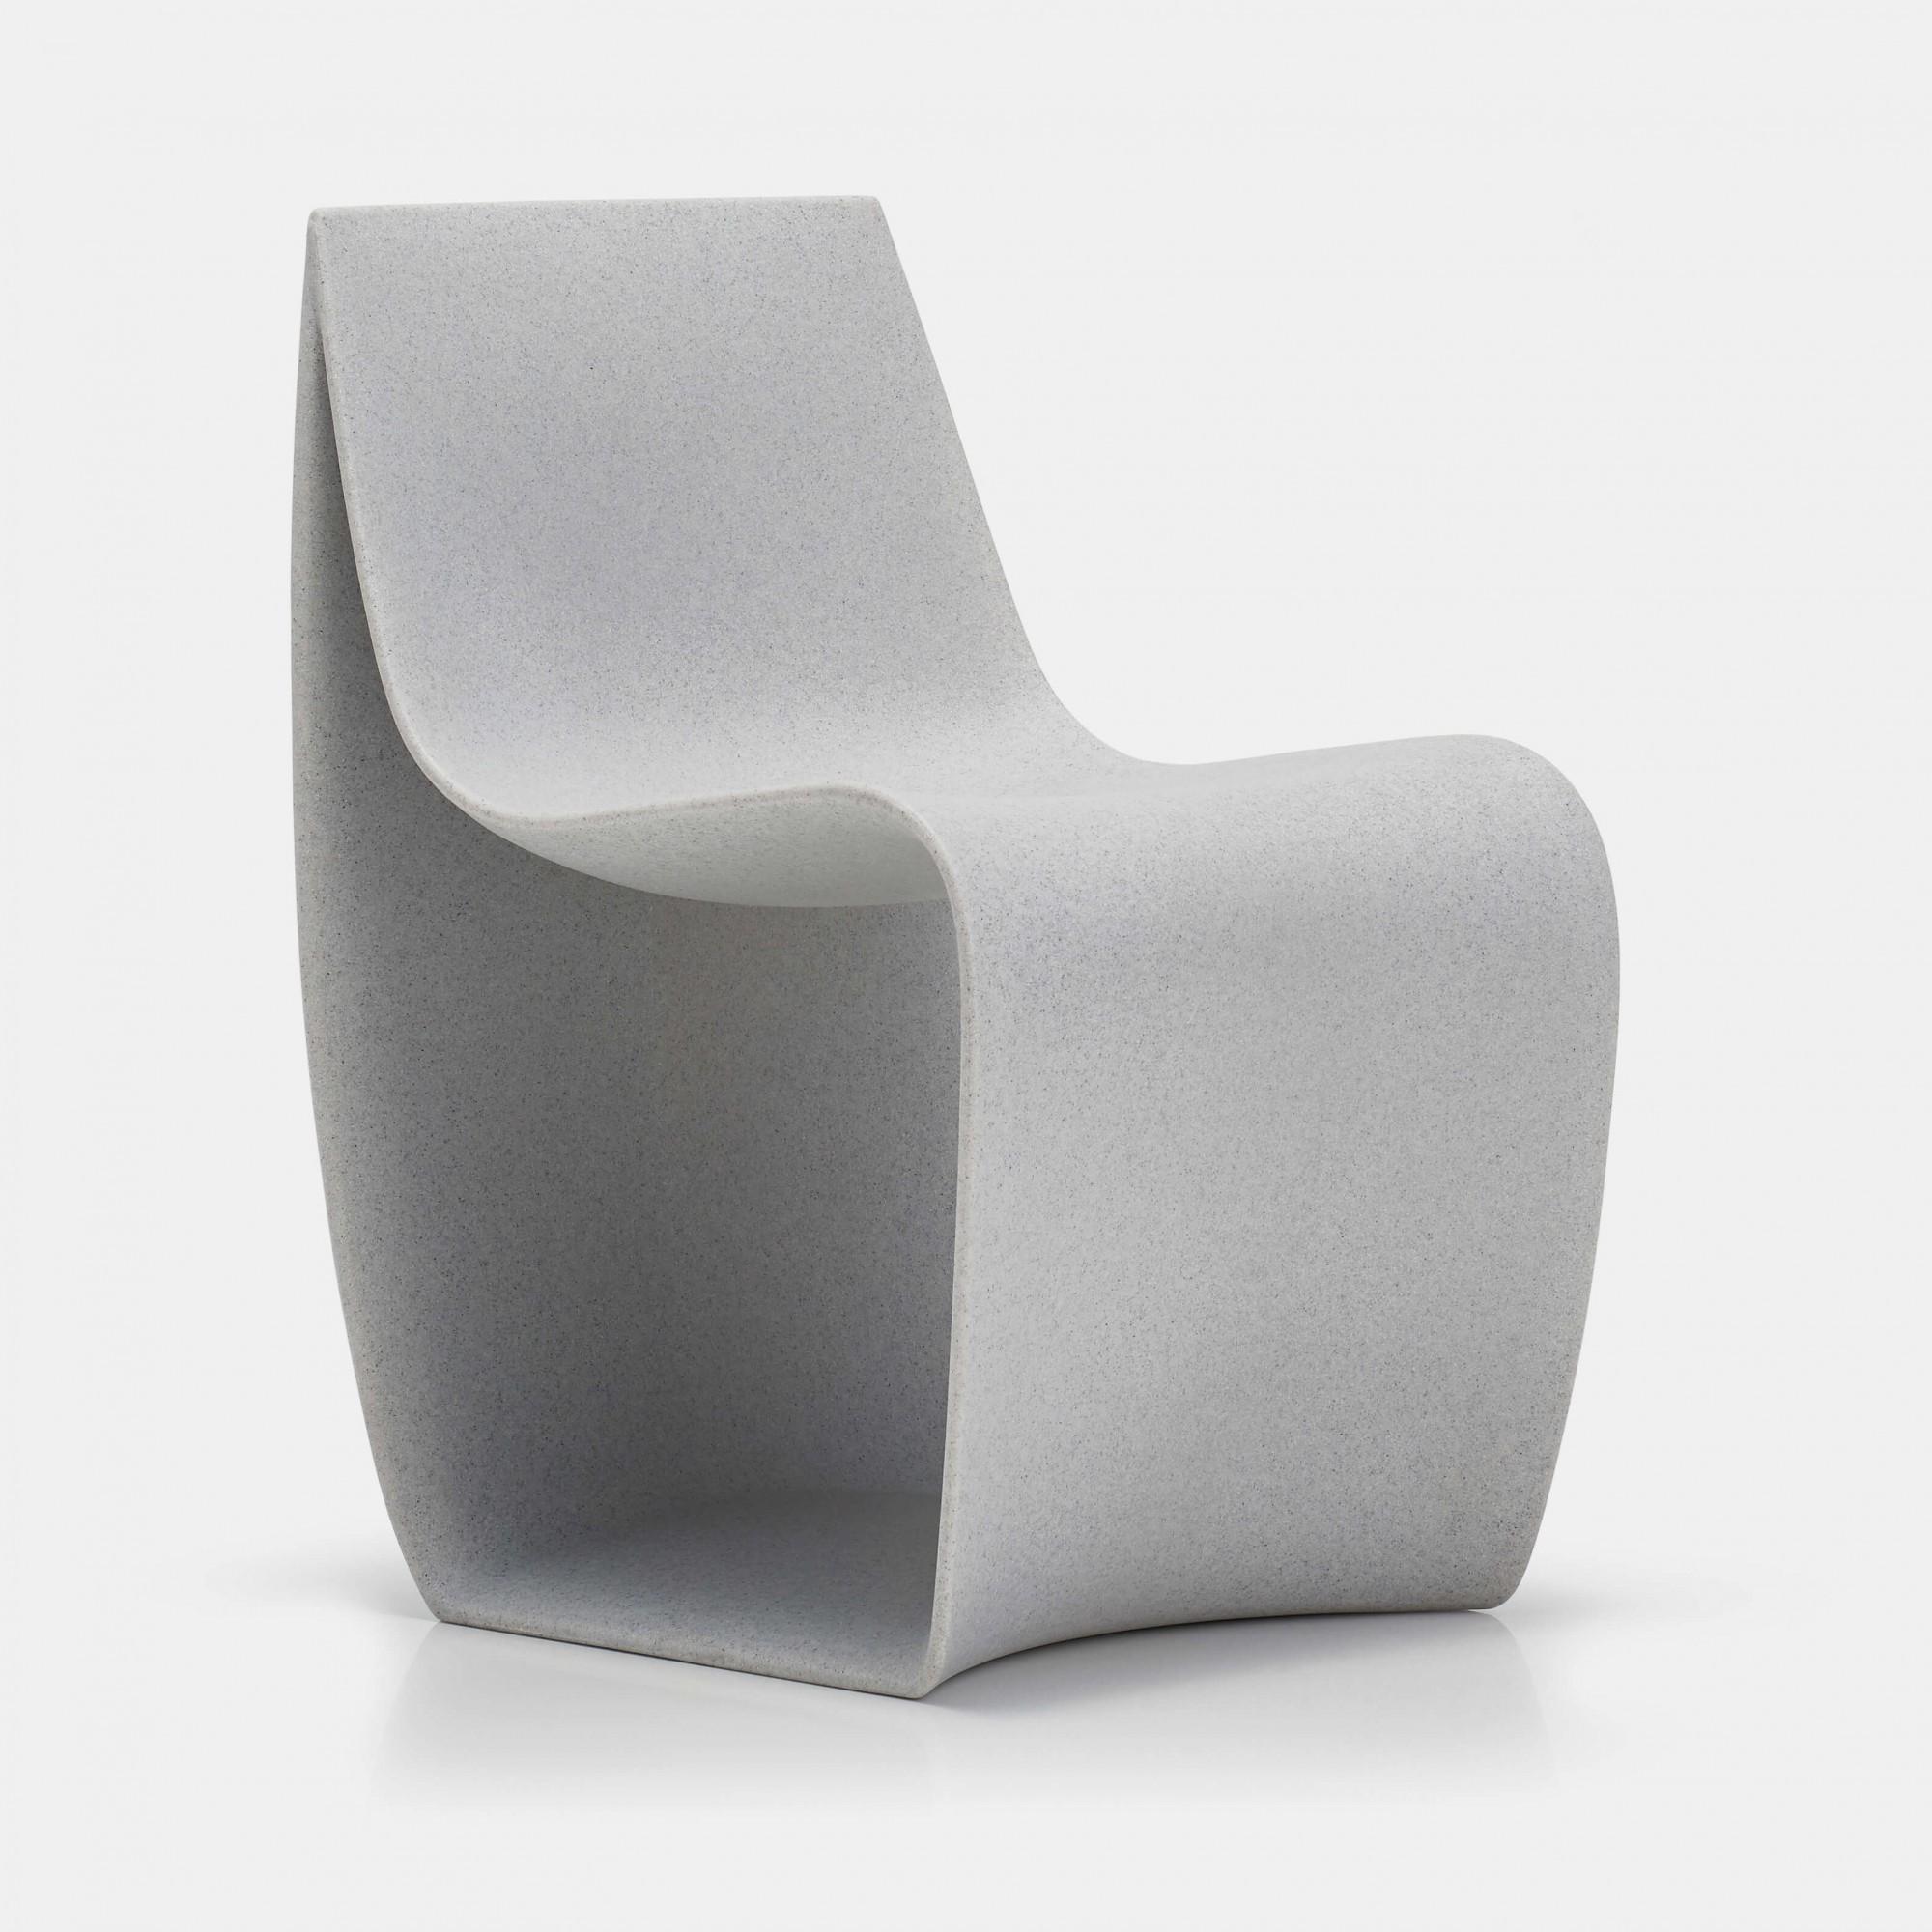 Sedie Da Design.Sedie Design Poltrone E Sedie Da Esterno E Interno Sign Matt